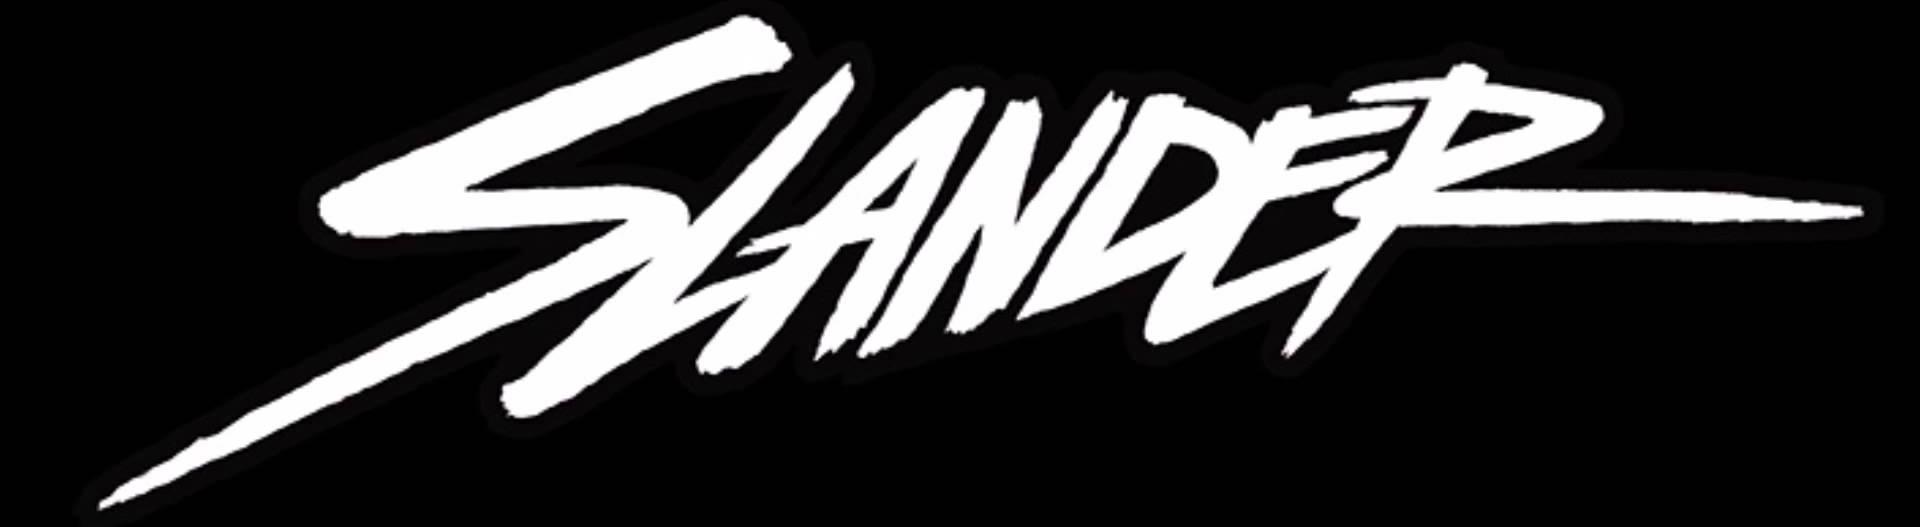 Listen to more by Slander.